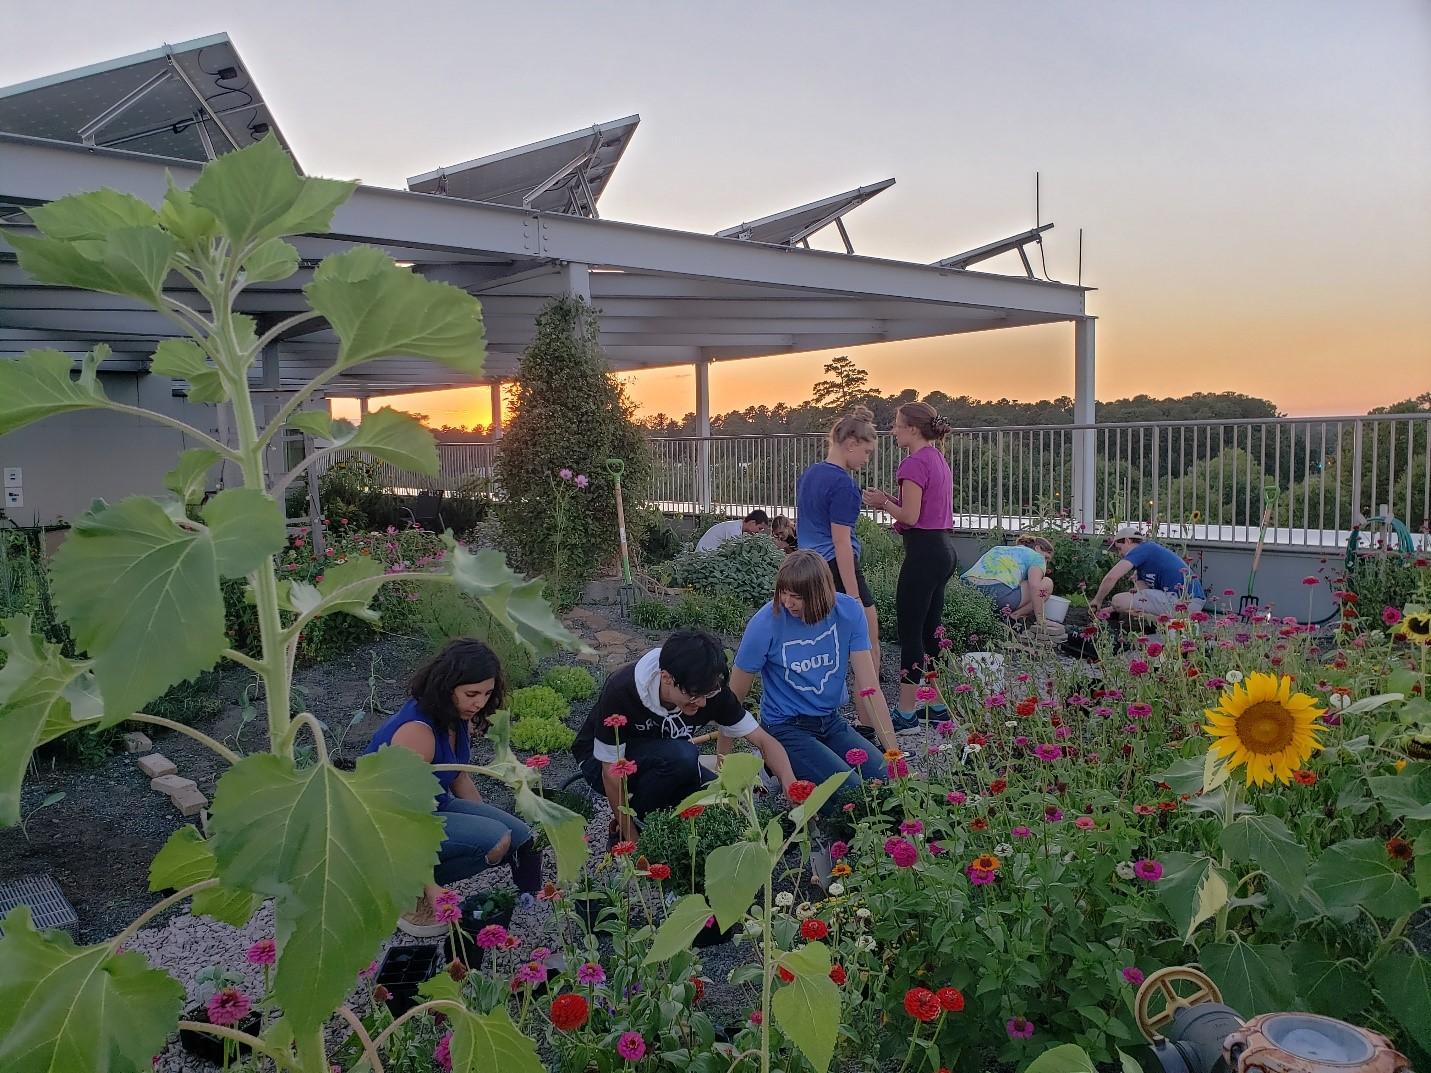 Backyard Garden Florist Roseboro Nc - House Backyards